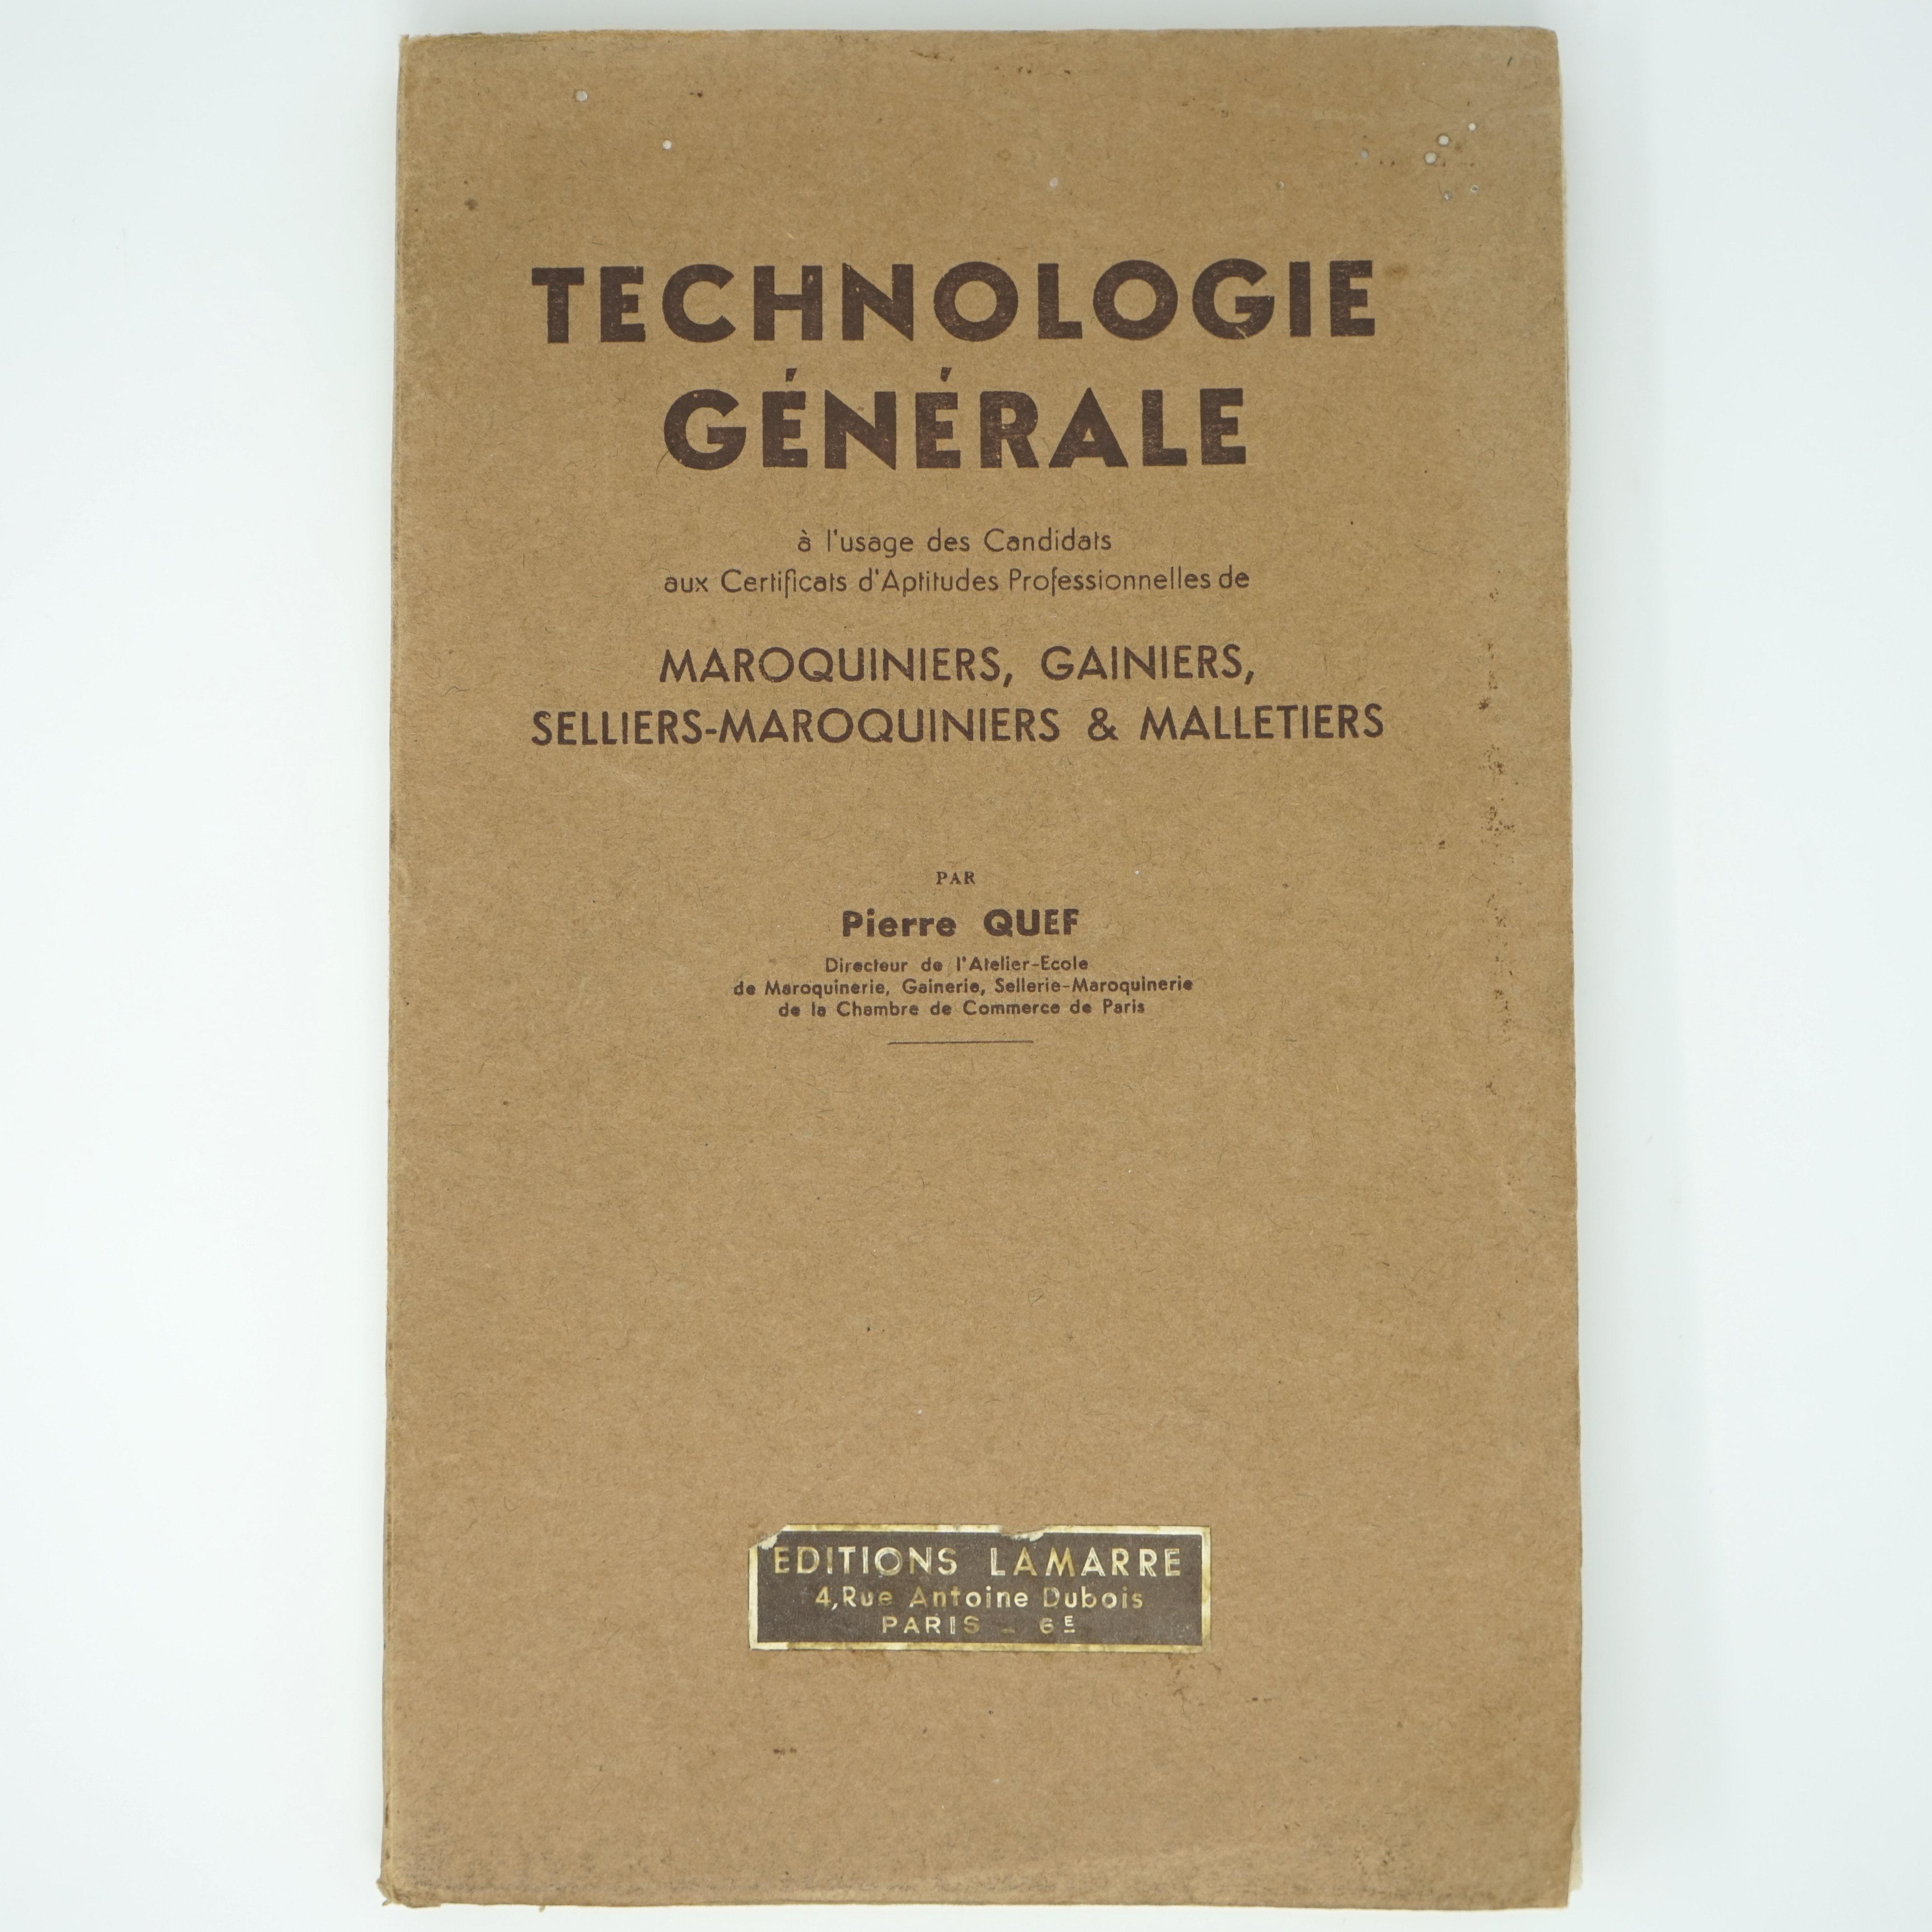 Livre Technologie Générale Maroquiniers